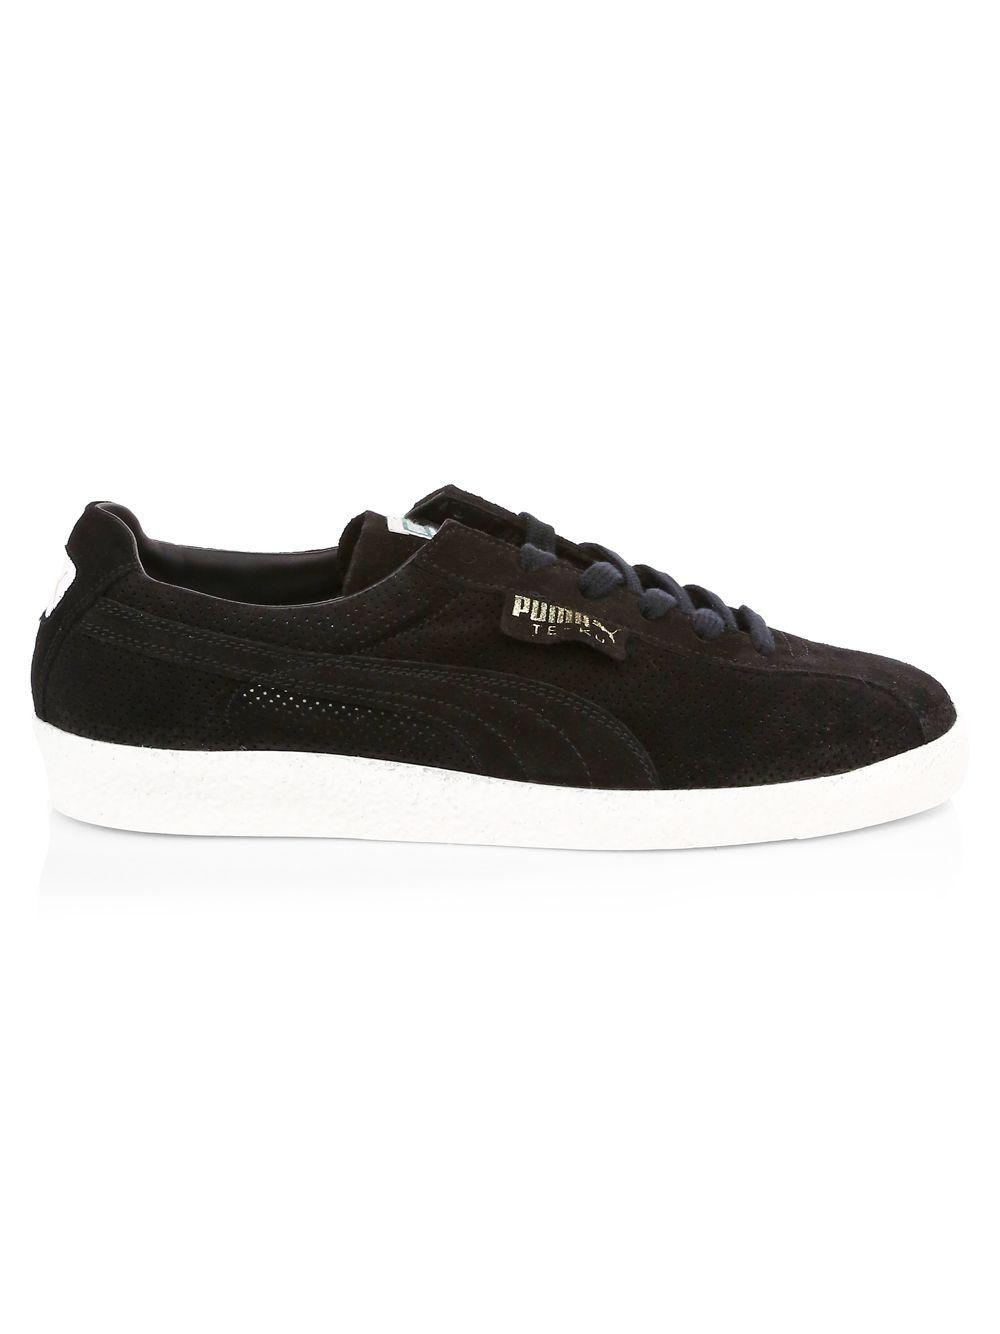 4cb62311879f30 PUMA Te-ku Suede Low-top Sneakers in Black - Lyst